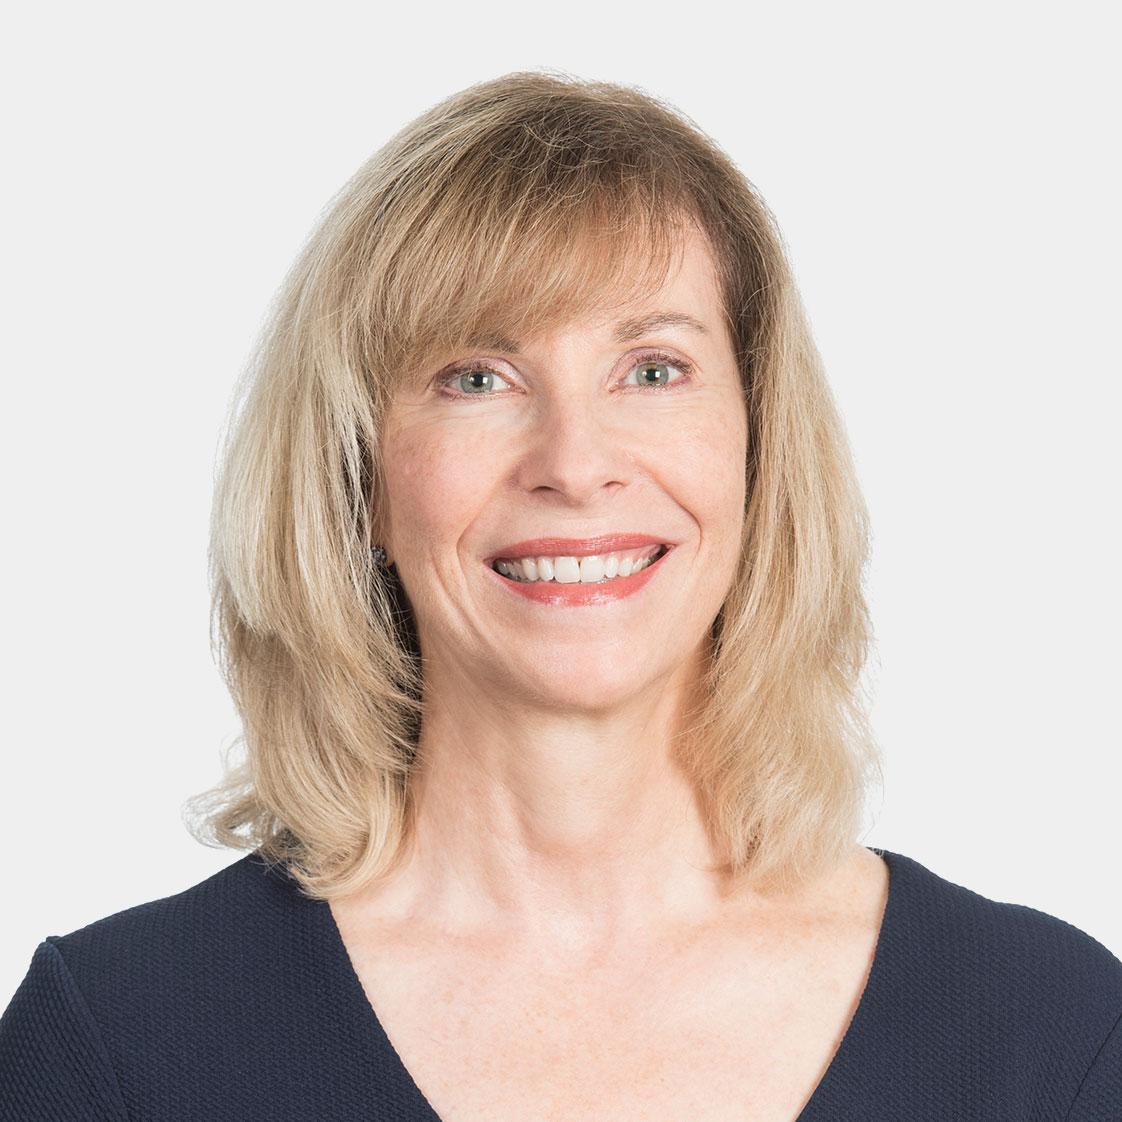 Lori-Ann Evert